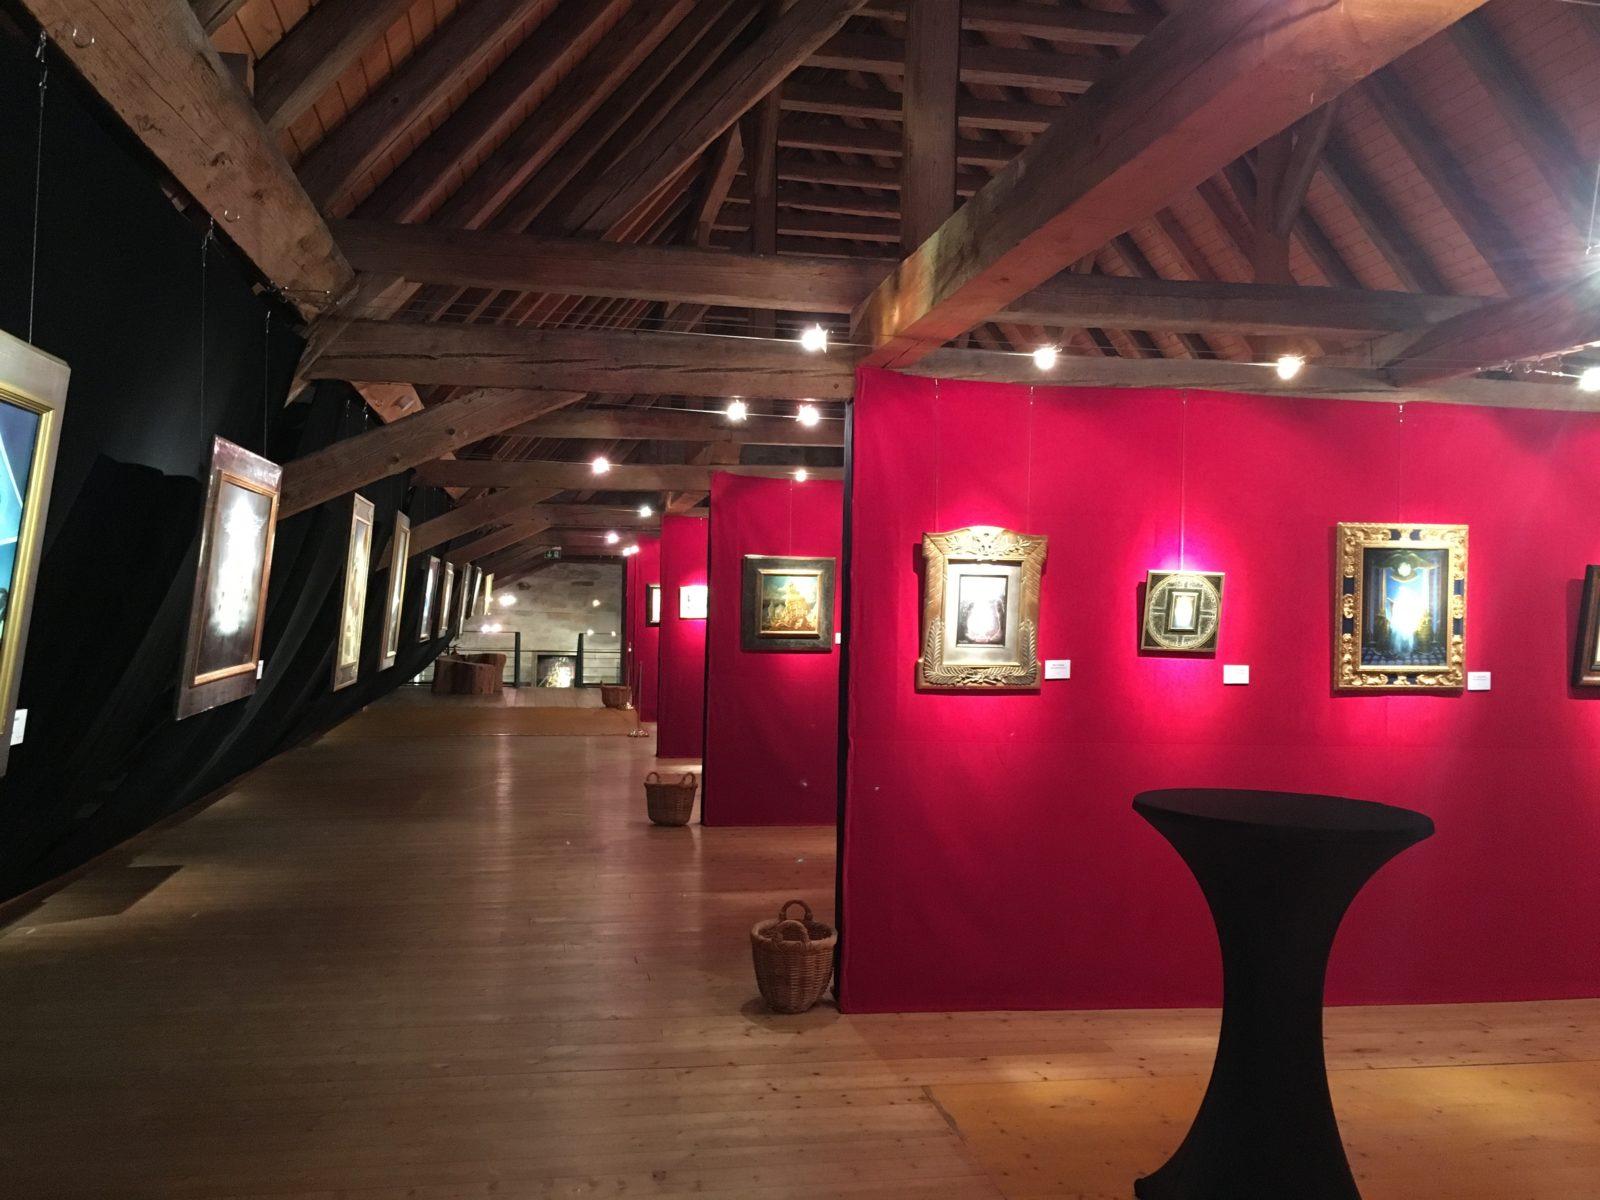 Retrospektive Angerer der Ältere- - Museum im Schafstall